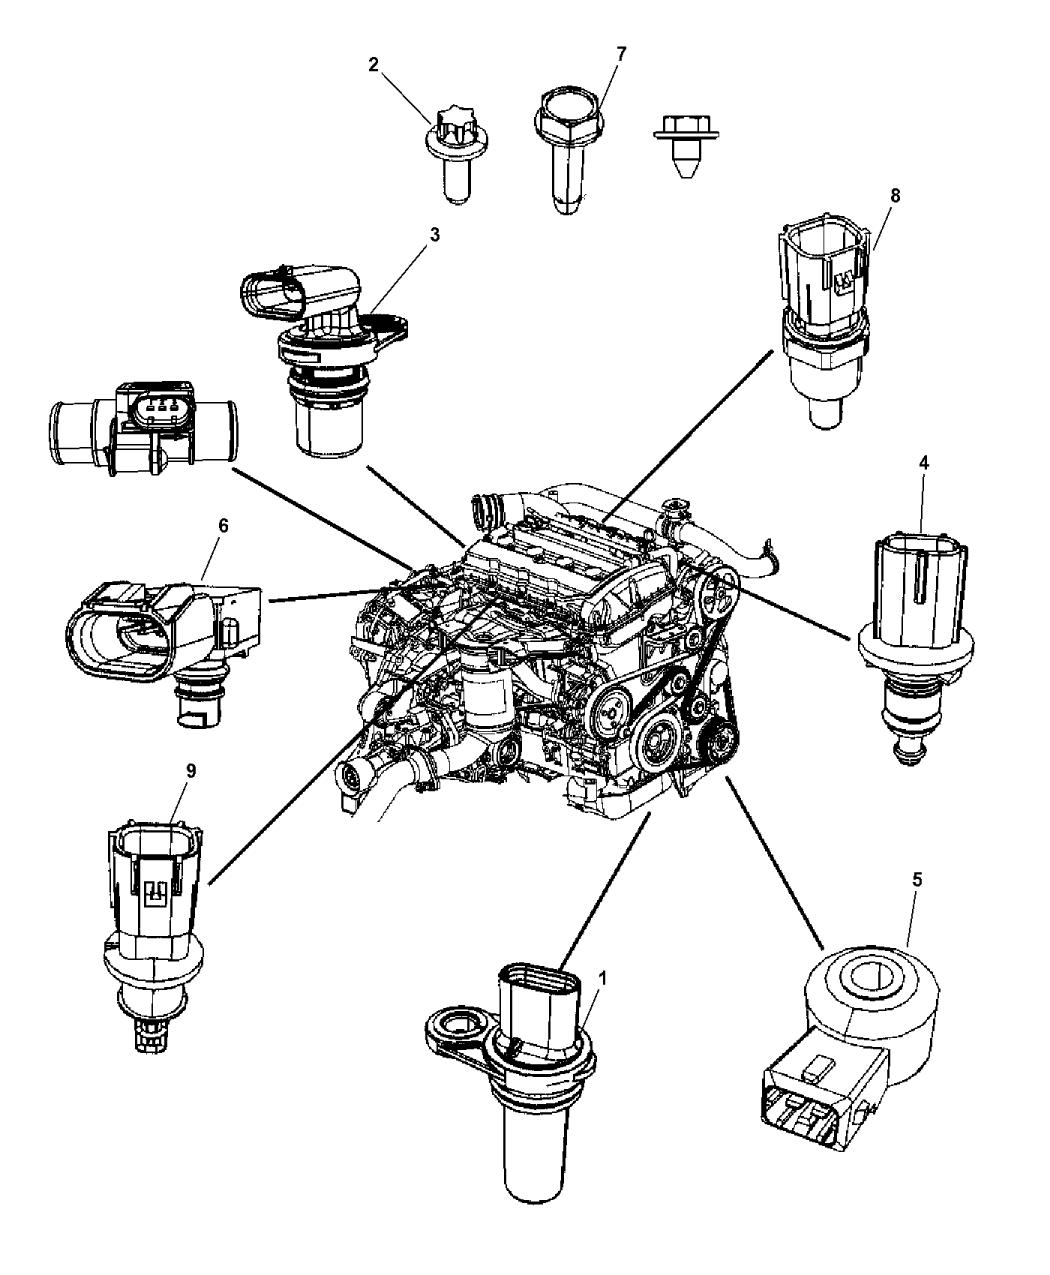 2014 Jeep Patriot Sensors - Engine - Mopar Parts Giant